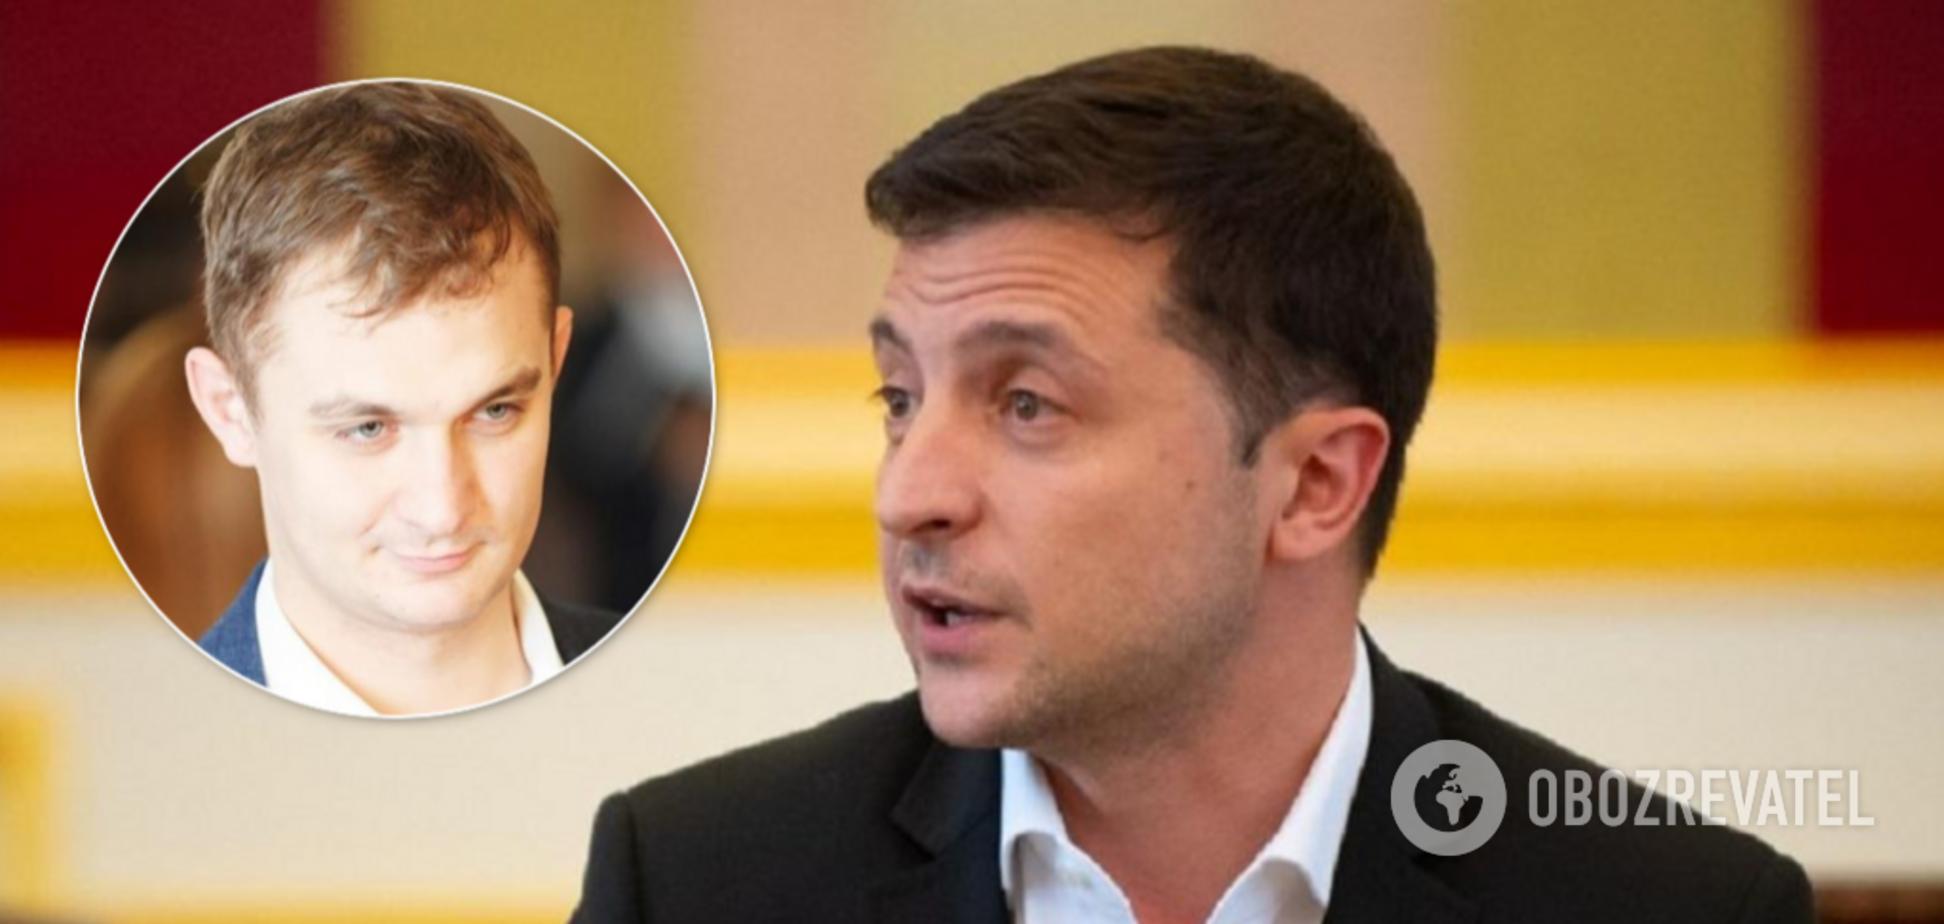 Зеленський вперше прокоментував 'собачий скандал' із Брагарем